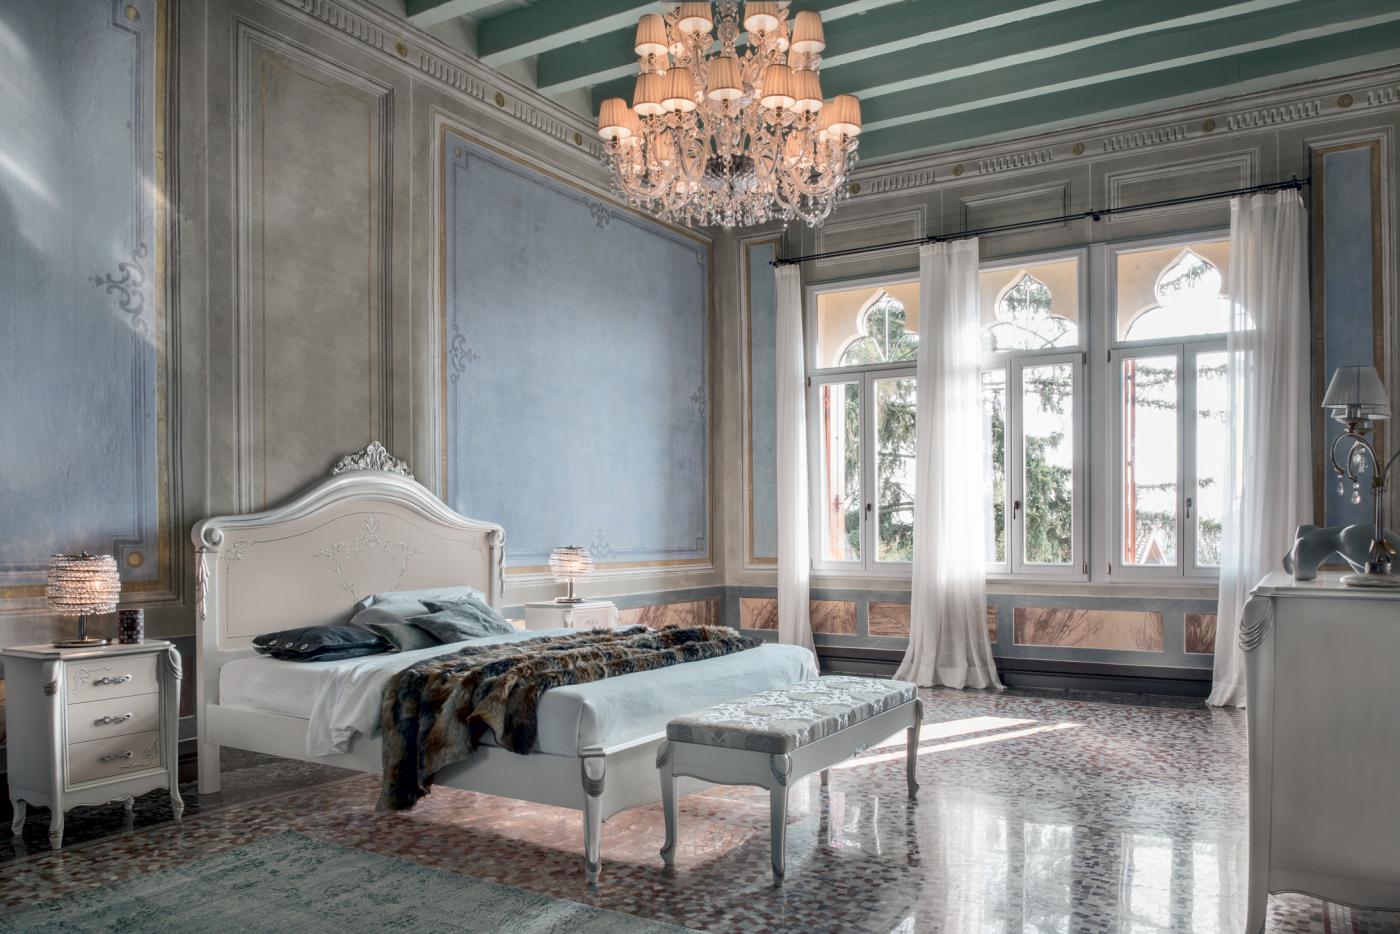 Letti in stile classico l 39 eleganza in camera da letto for Modello di casa all interno